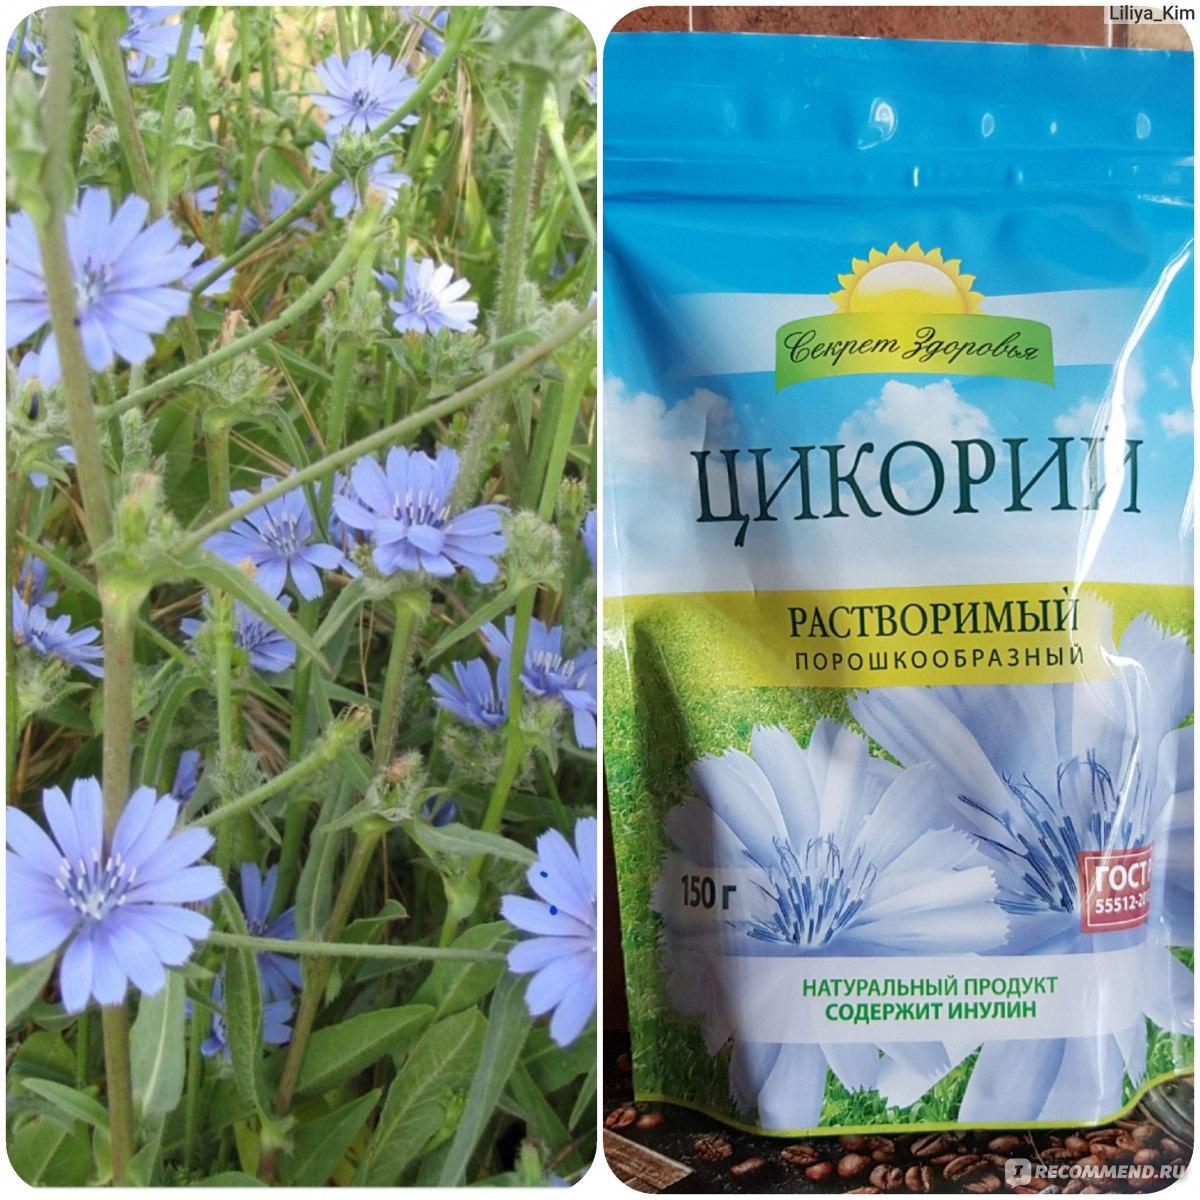 Полезные свойства и противопоказания цикория, от чего помогает цветок и как принимать